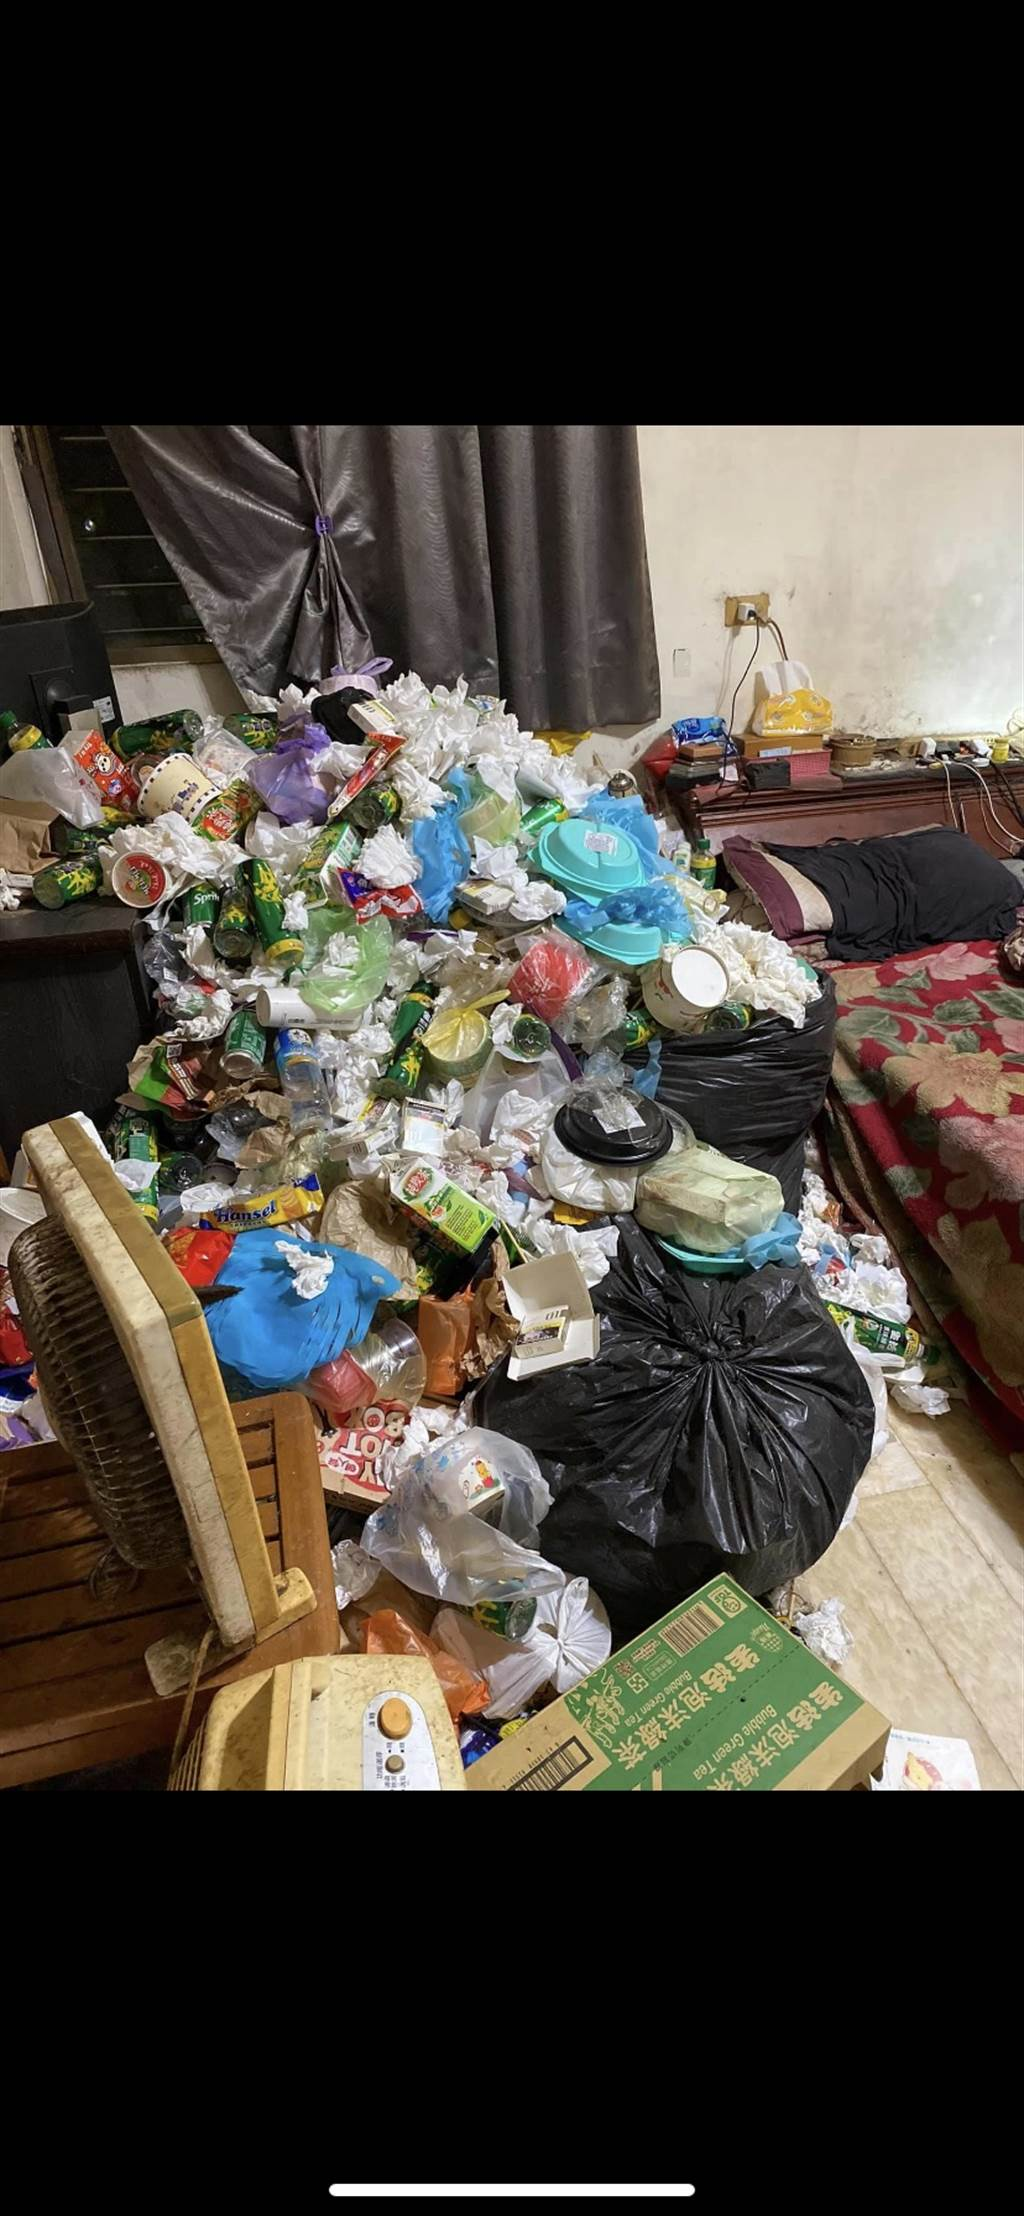 佈滿垃圾的環境讓網友直呼太噁心!(圖取自臉書 爆廢公社)